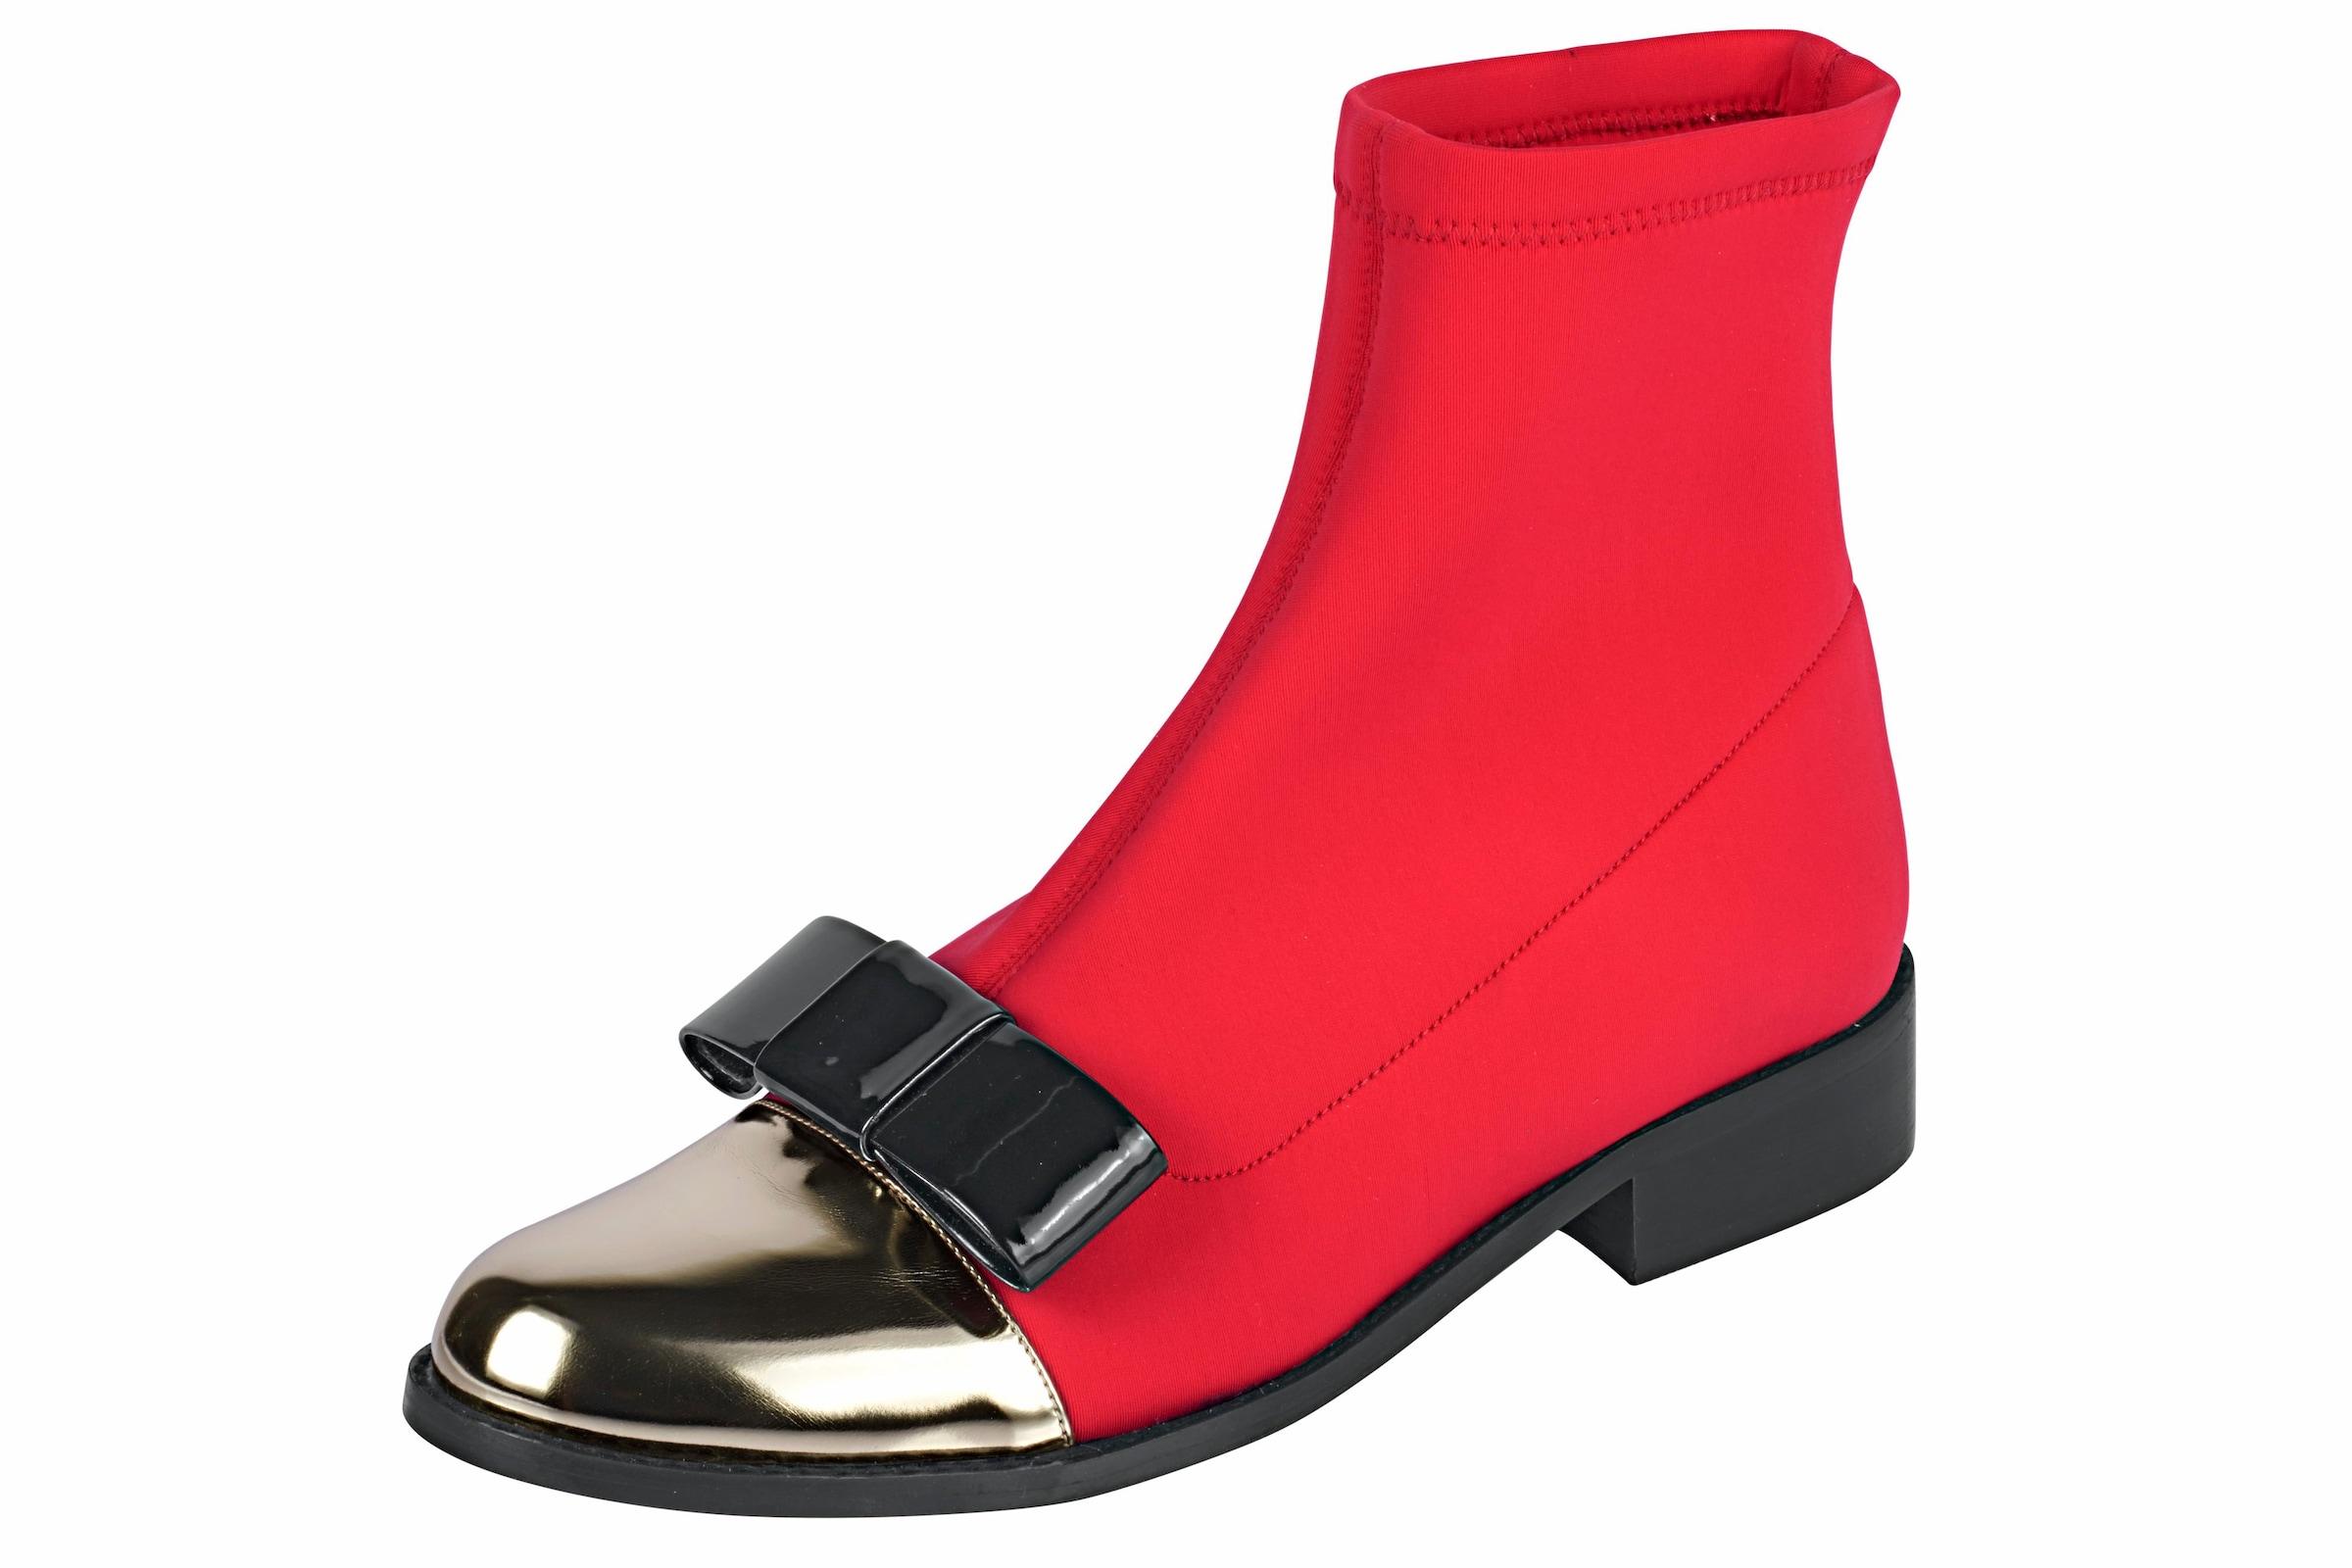 Haltbare Mode billige Schuhe heine Schuhe | Stiefelette mit Stretch Schuhe heine Gut getragene Schuhe 8afe48